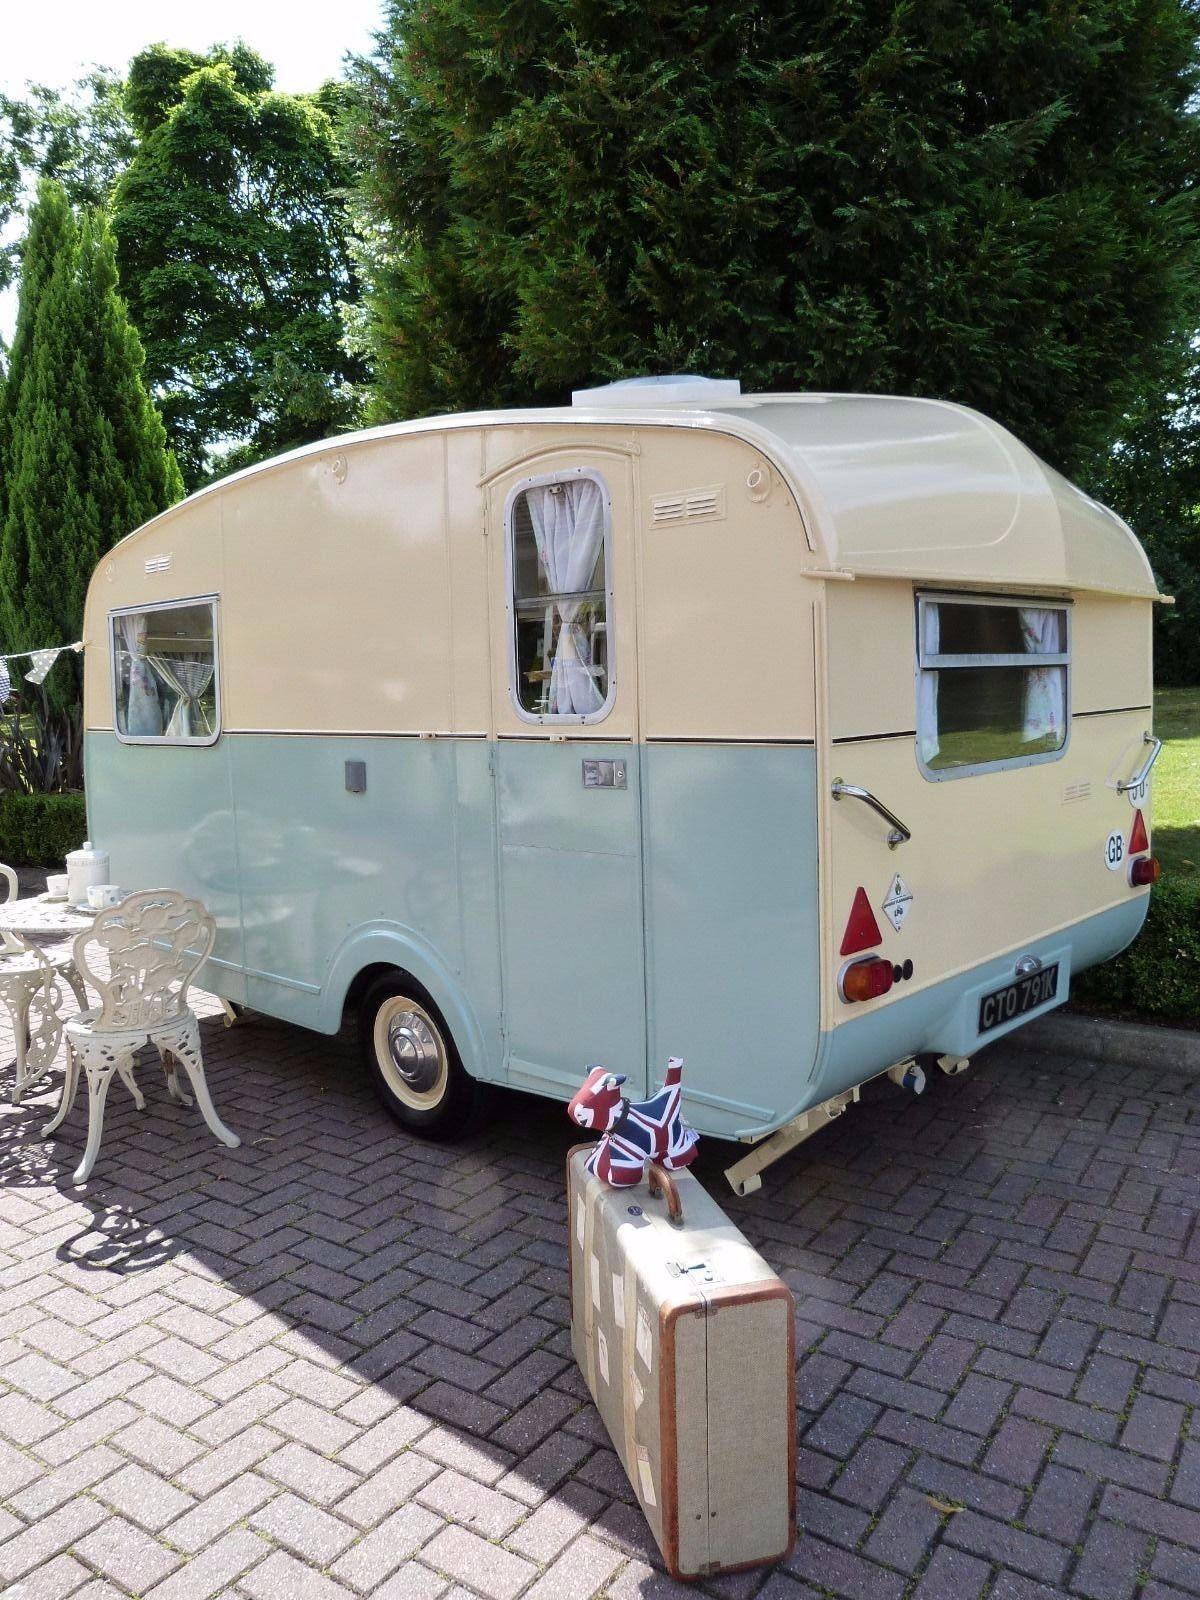 Best 25 vintage caravans ideas on pinterest vintage caravan interiors retro campers and caravan